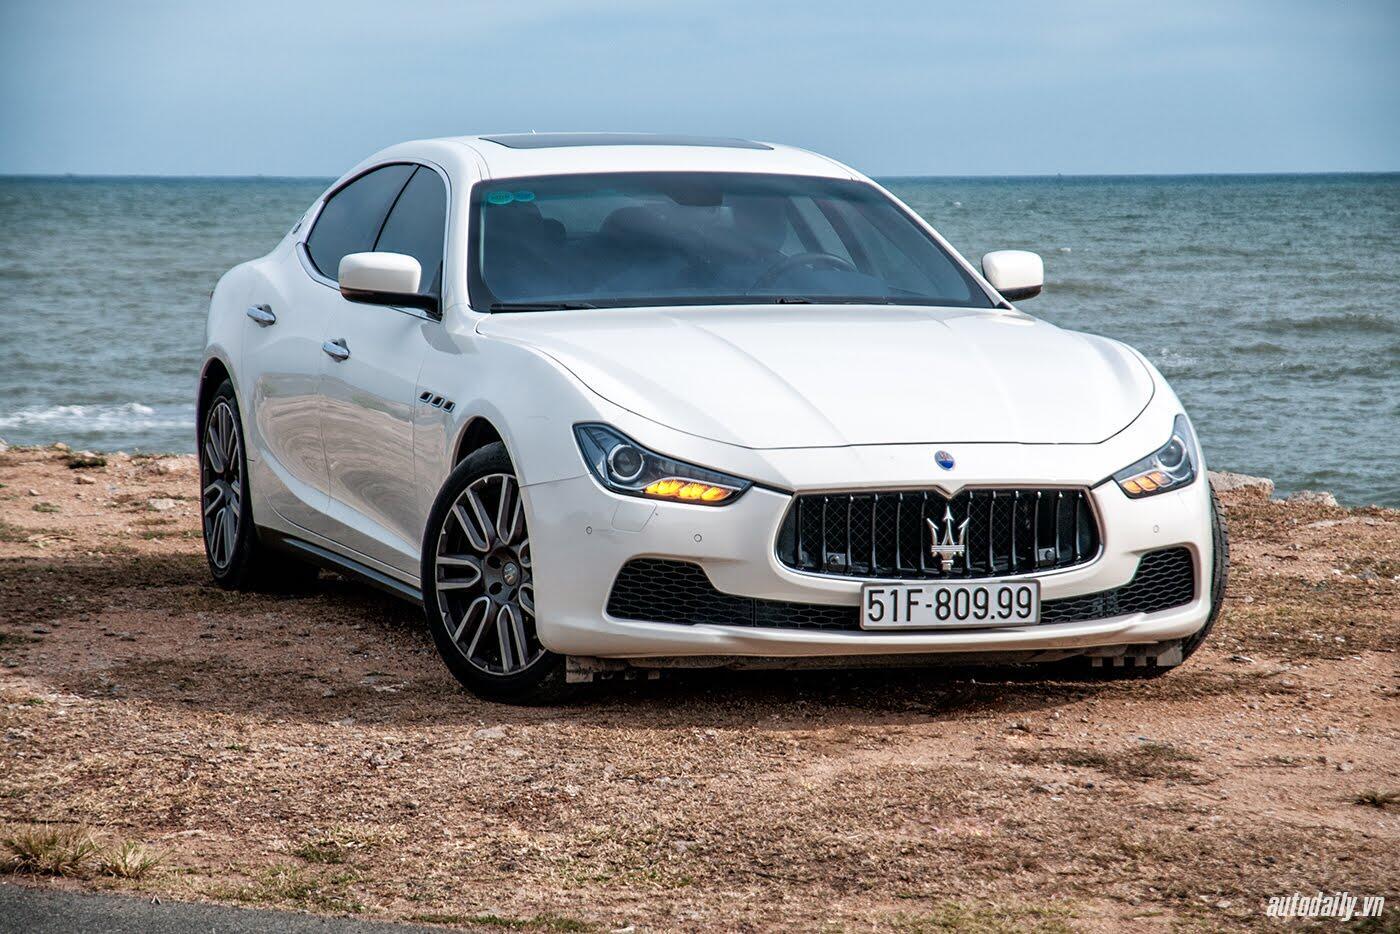 Lái thử Maserati Ghibli - Một trải nghiệm khác về tốc độ - Hình 2